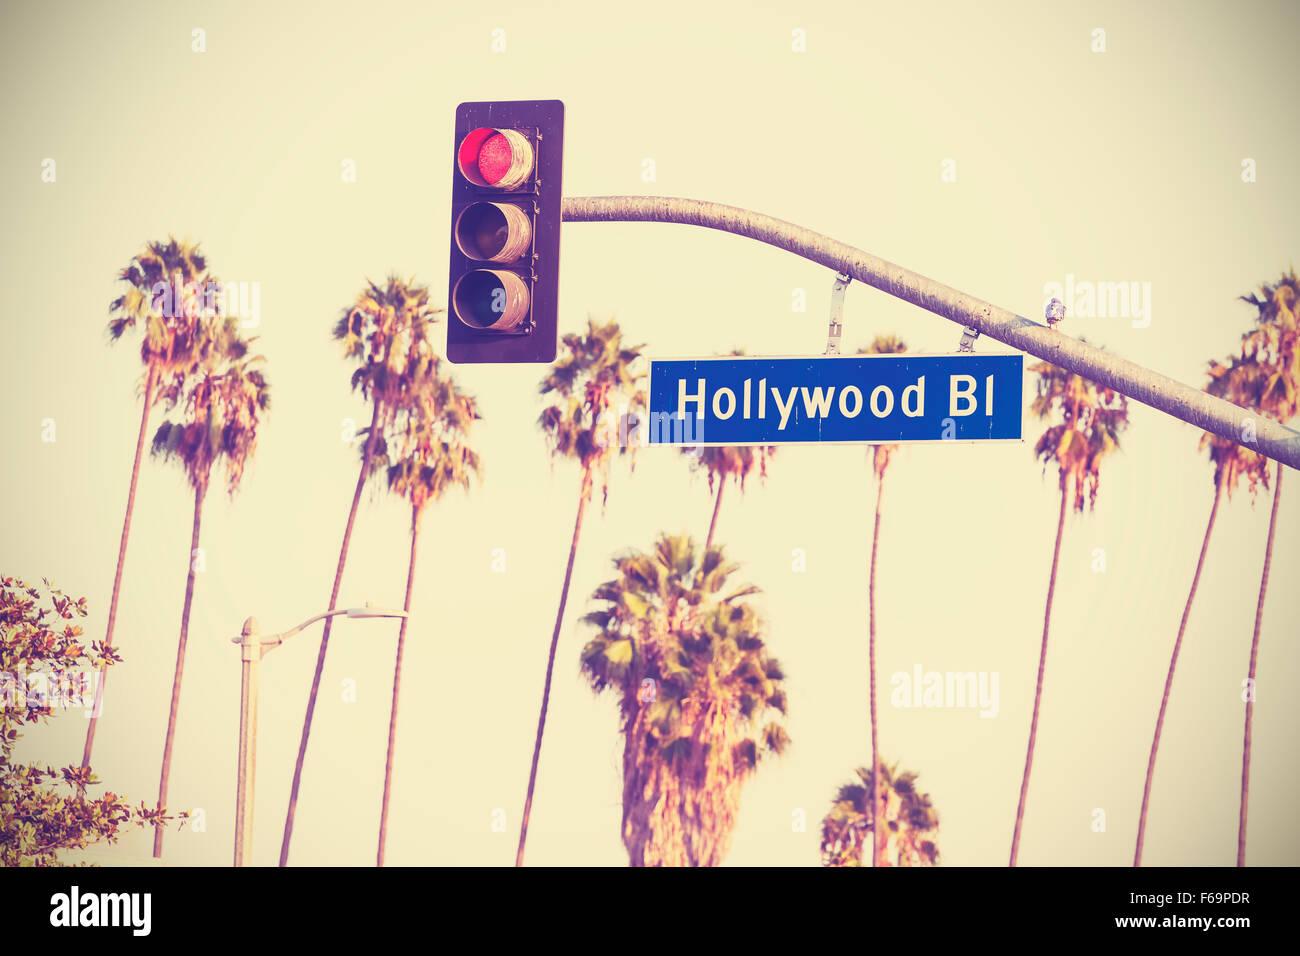 Vintage Retro getönten Hollywood Boulevard-Schild und Ampeln mit Palmen im Hintergrund, Los Angeles, USA. Stockbild